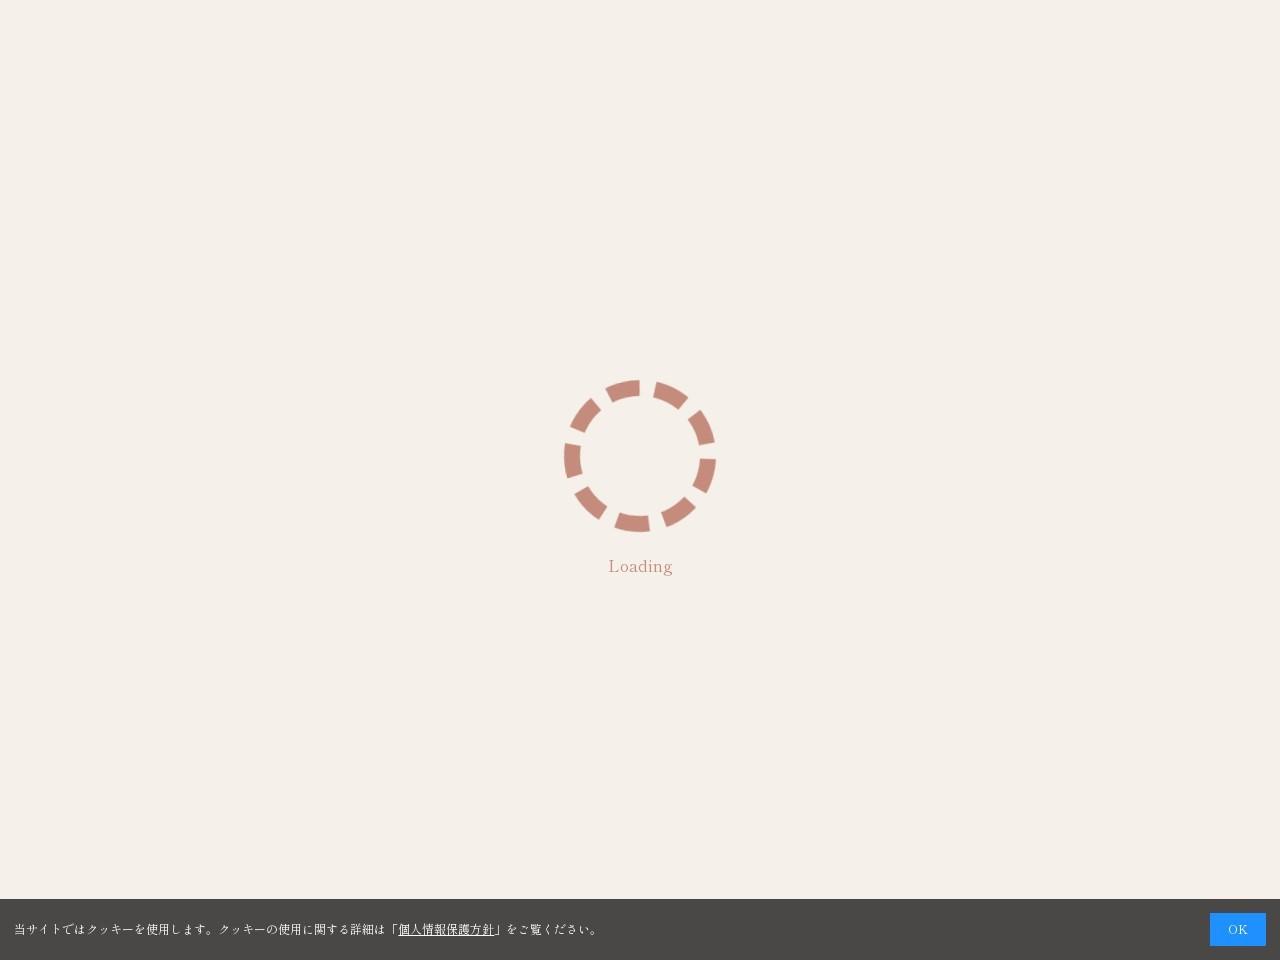 昭和3年創業 たから写真館 | 熱田区・熱田神宮近くのフォトスタジオ